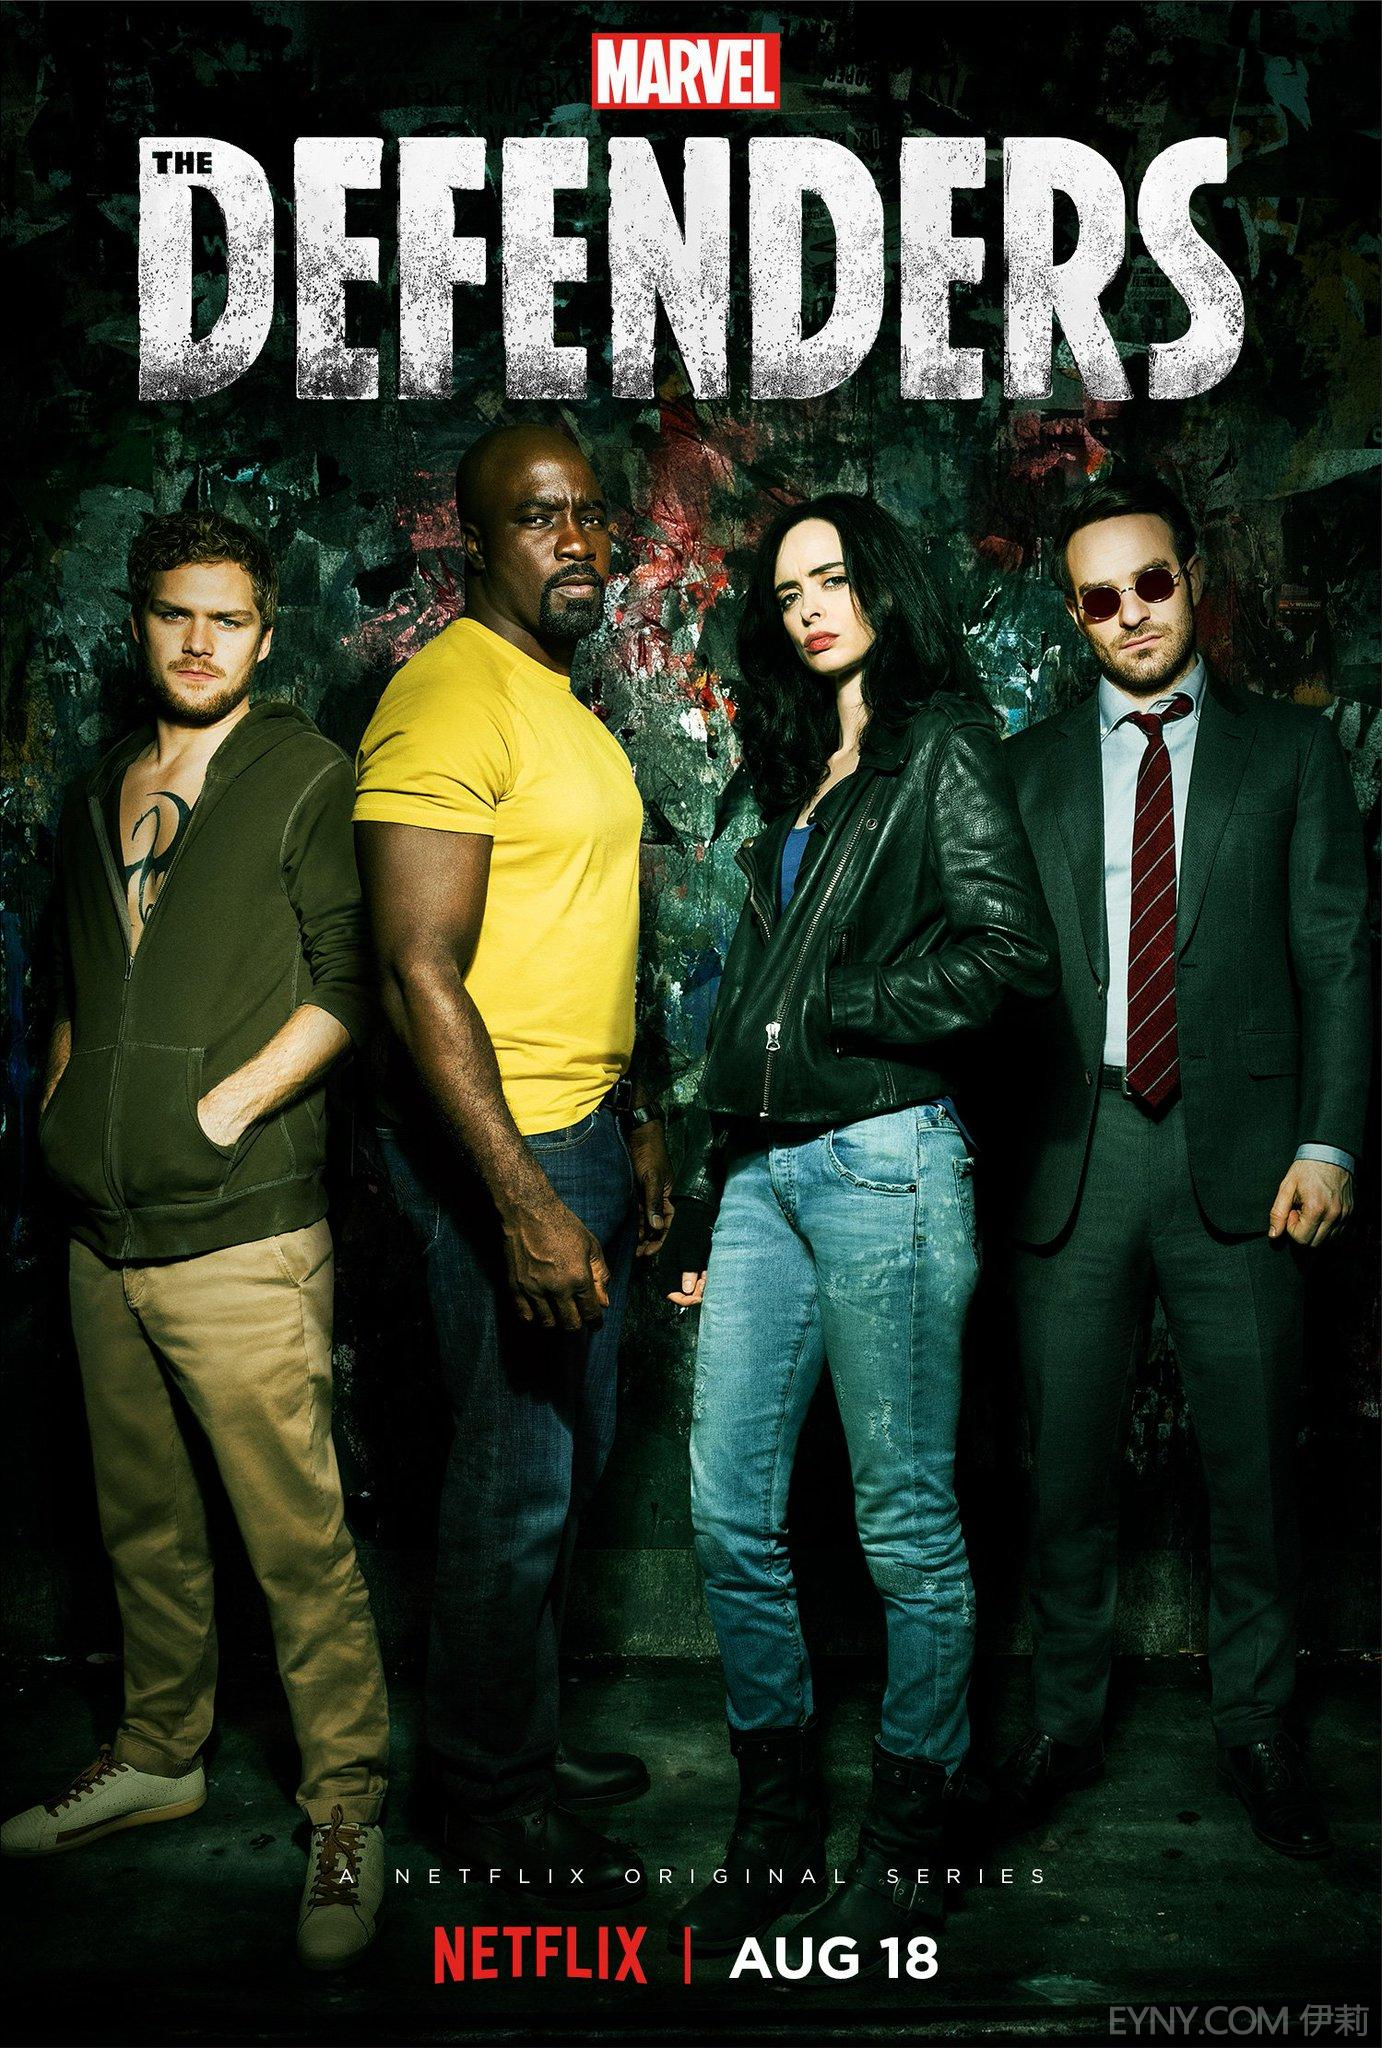 捍衛者聯盟 捍衛者 The Defenders S01 EP8